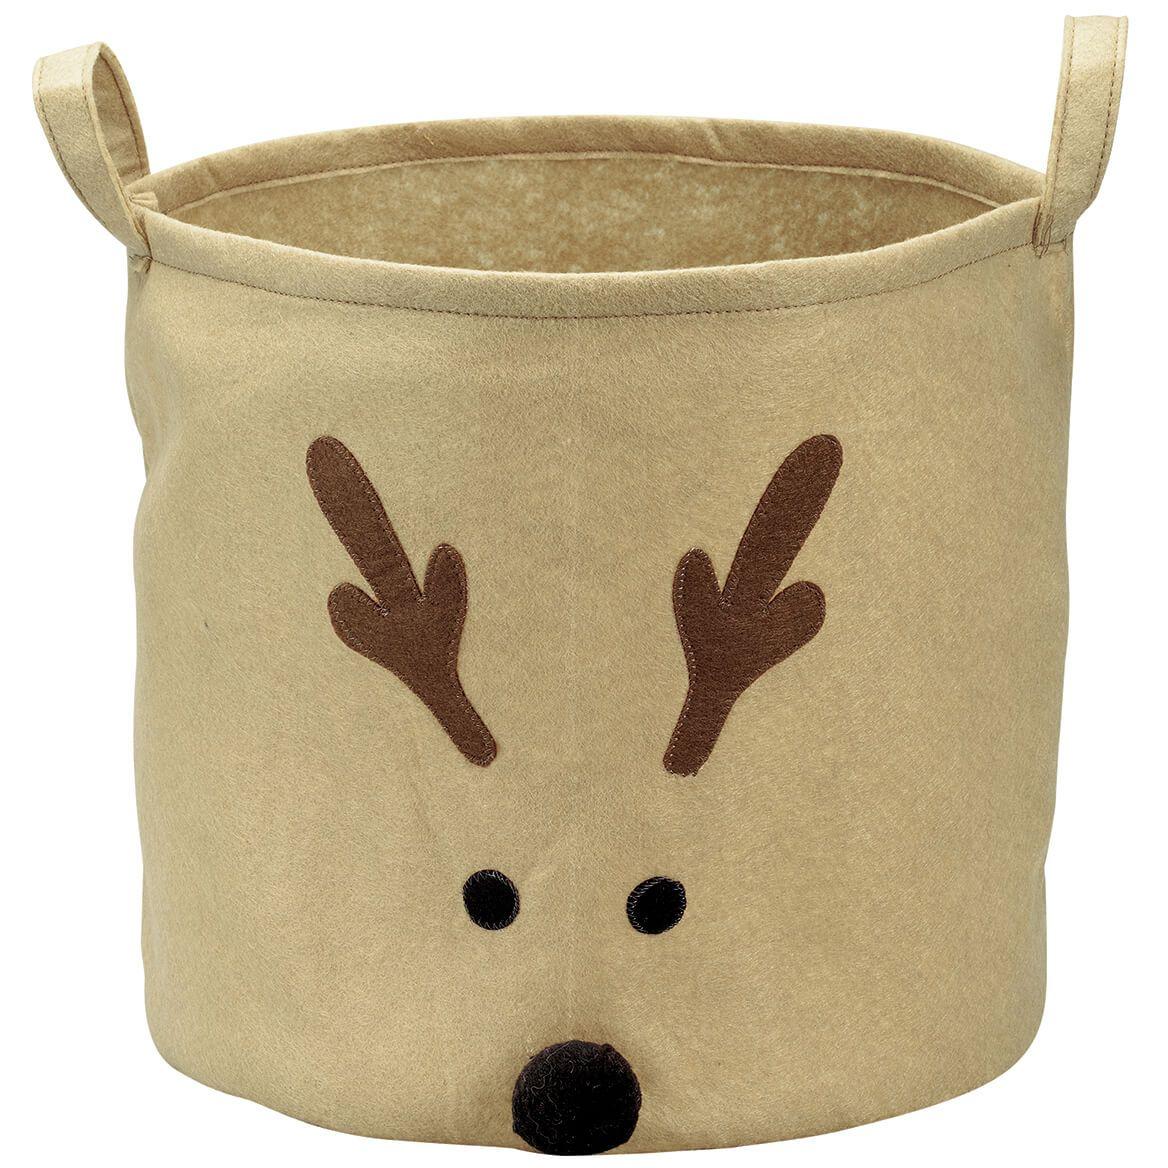 Reindeer Holiday Storage Bin by Holiday Peak™-372555